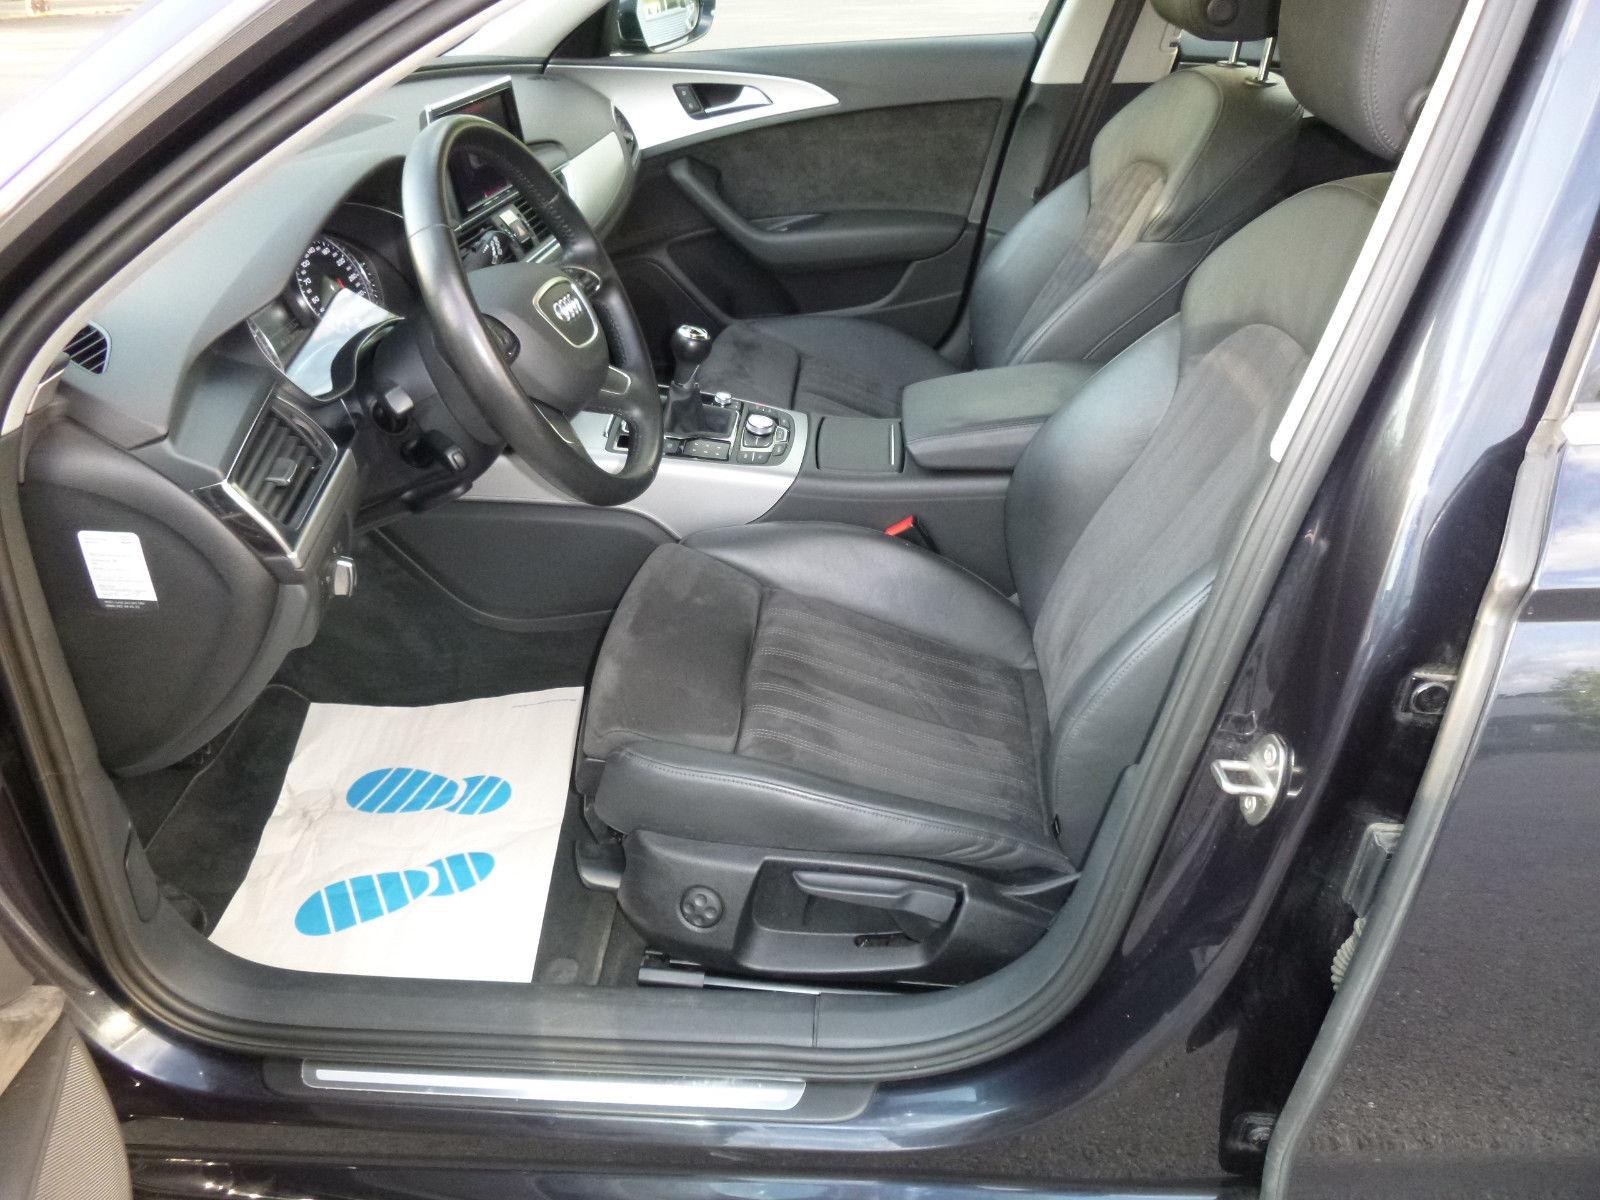 Покупка на кола от Германия -Ауди А6 2013-та, 2.0 TDI, 177 к.с.; 09.09.2017 Галерия (9)